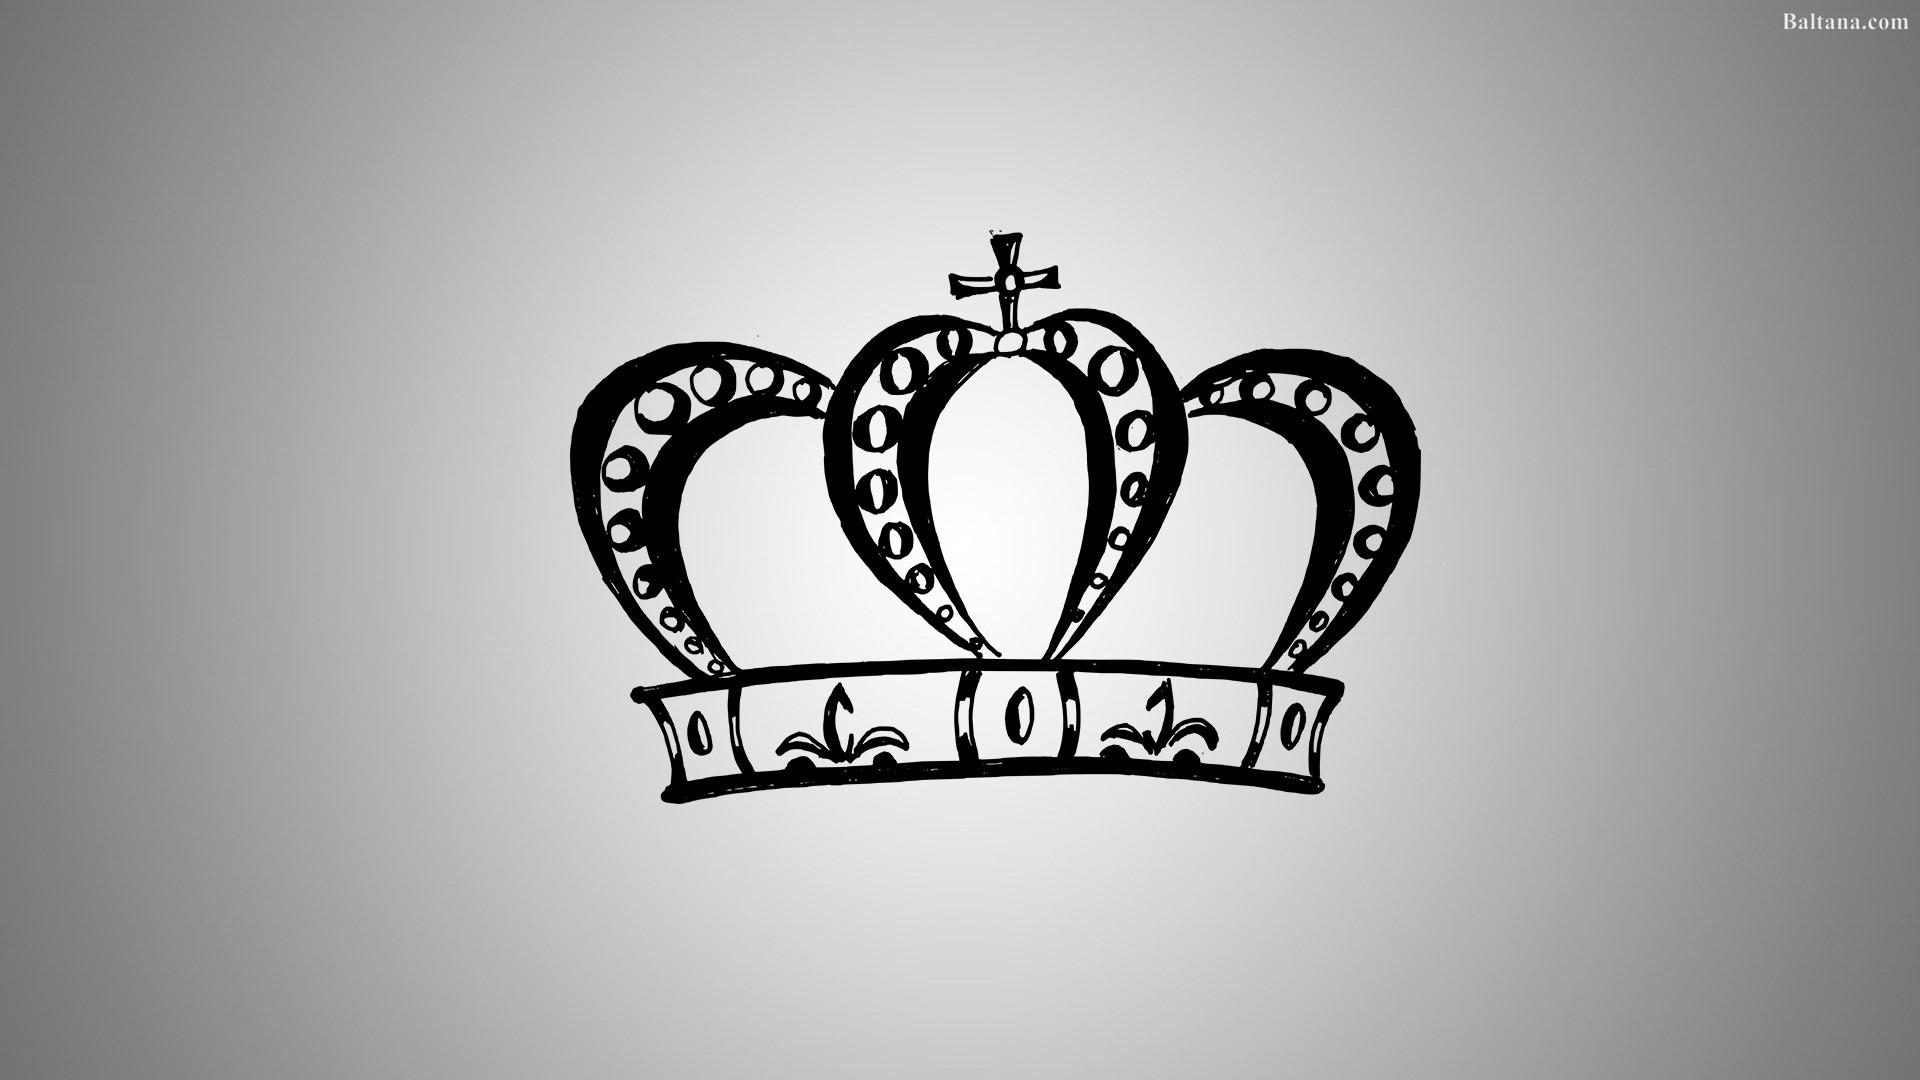 Crown wallpaper